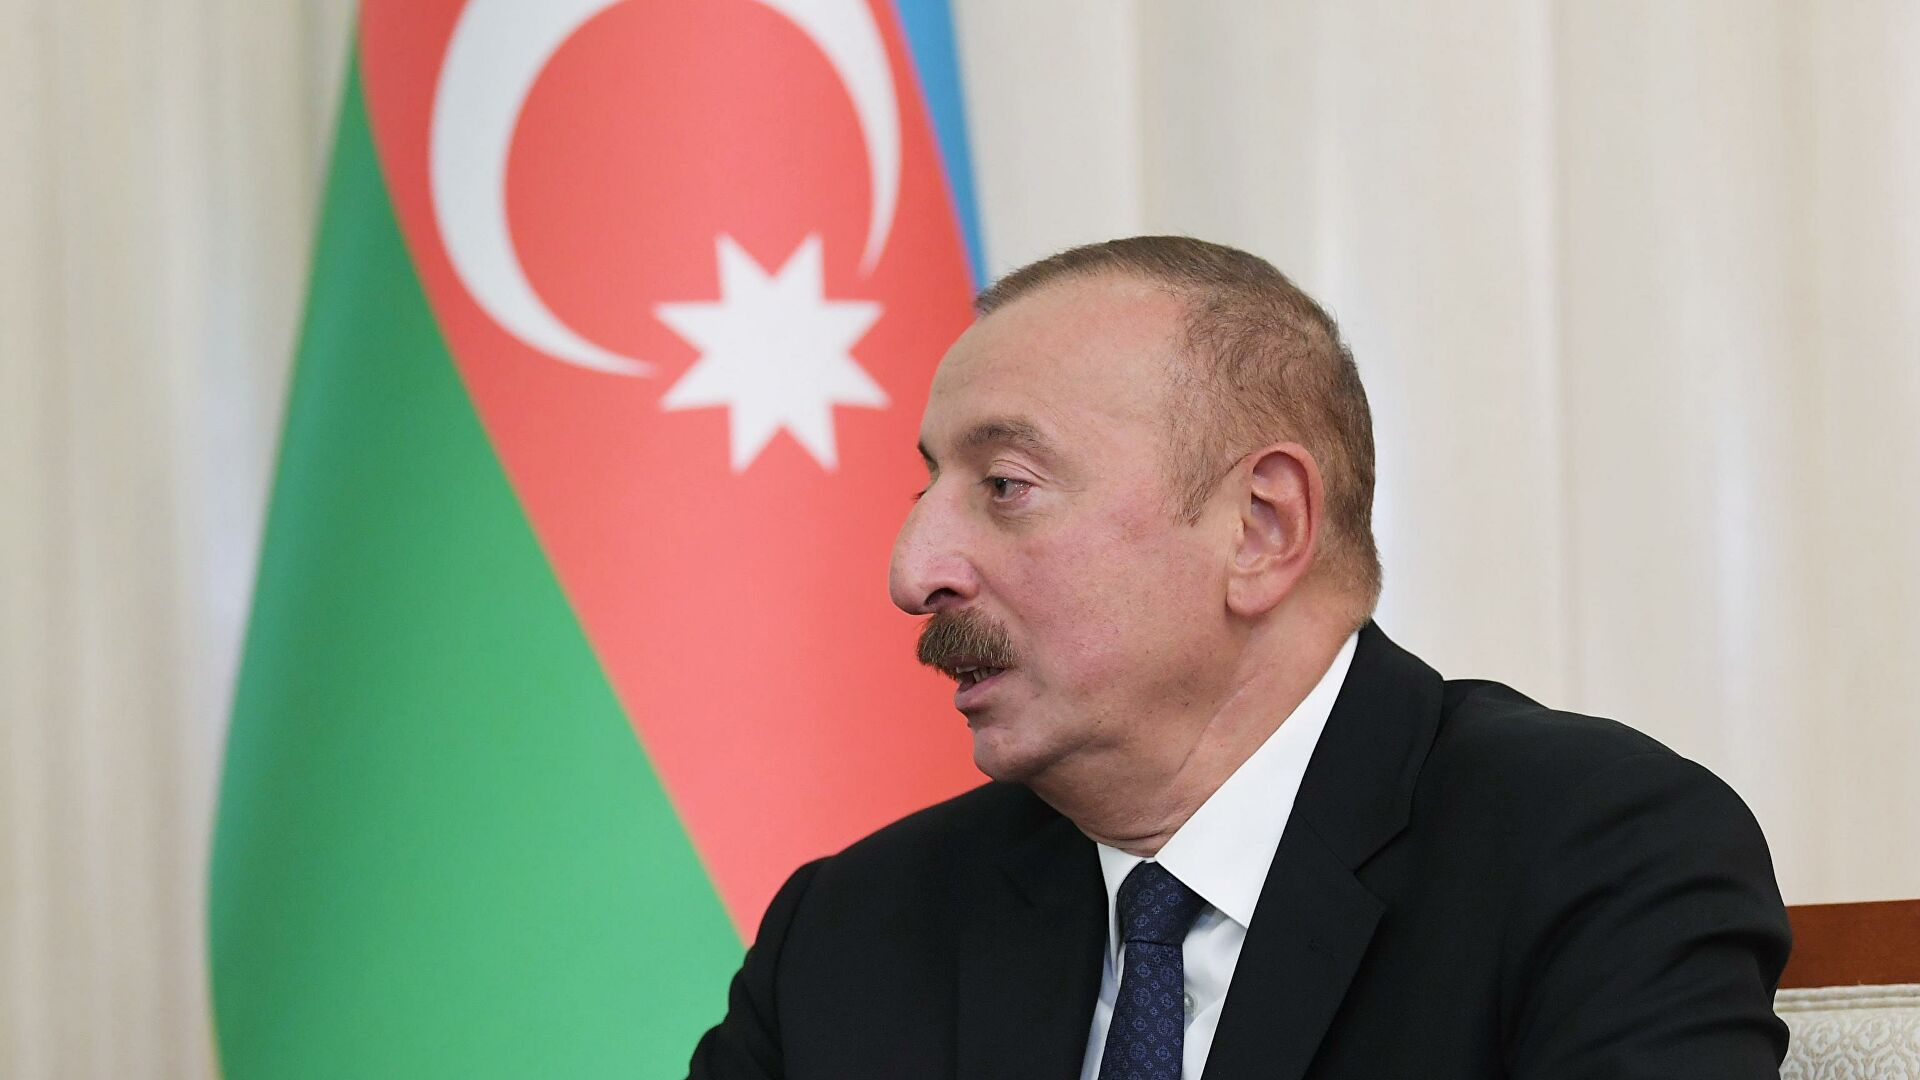 Алијев: Русија и Турска ће учествовати у операцијама заштите безбедности јерменског и азербејџанског народа у Карабаху